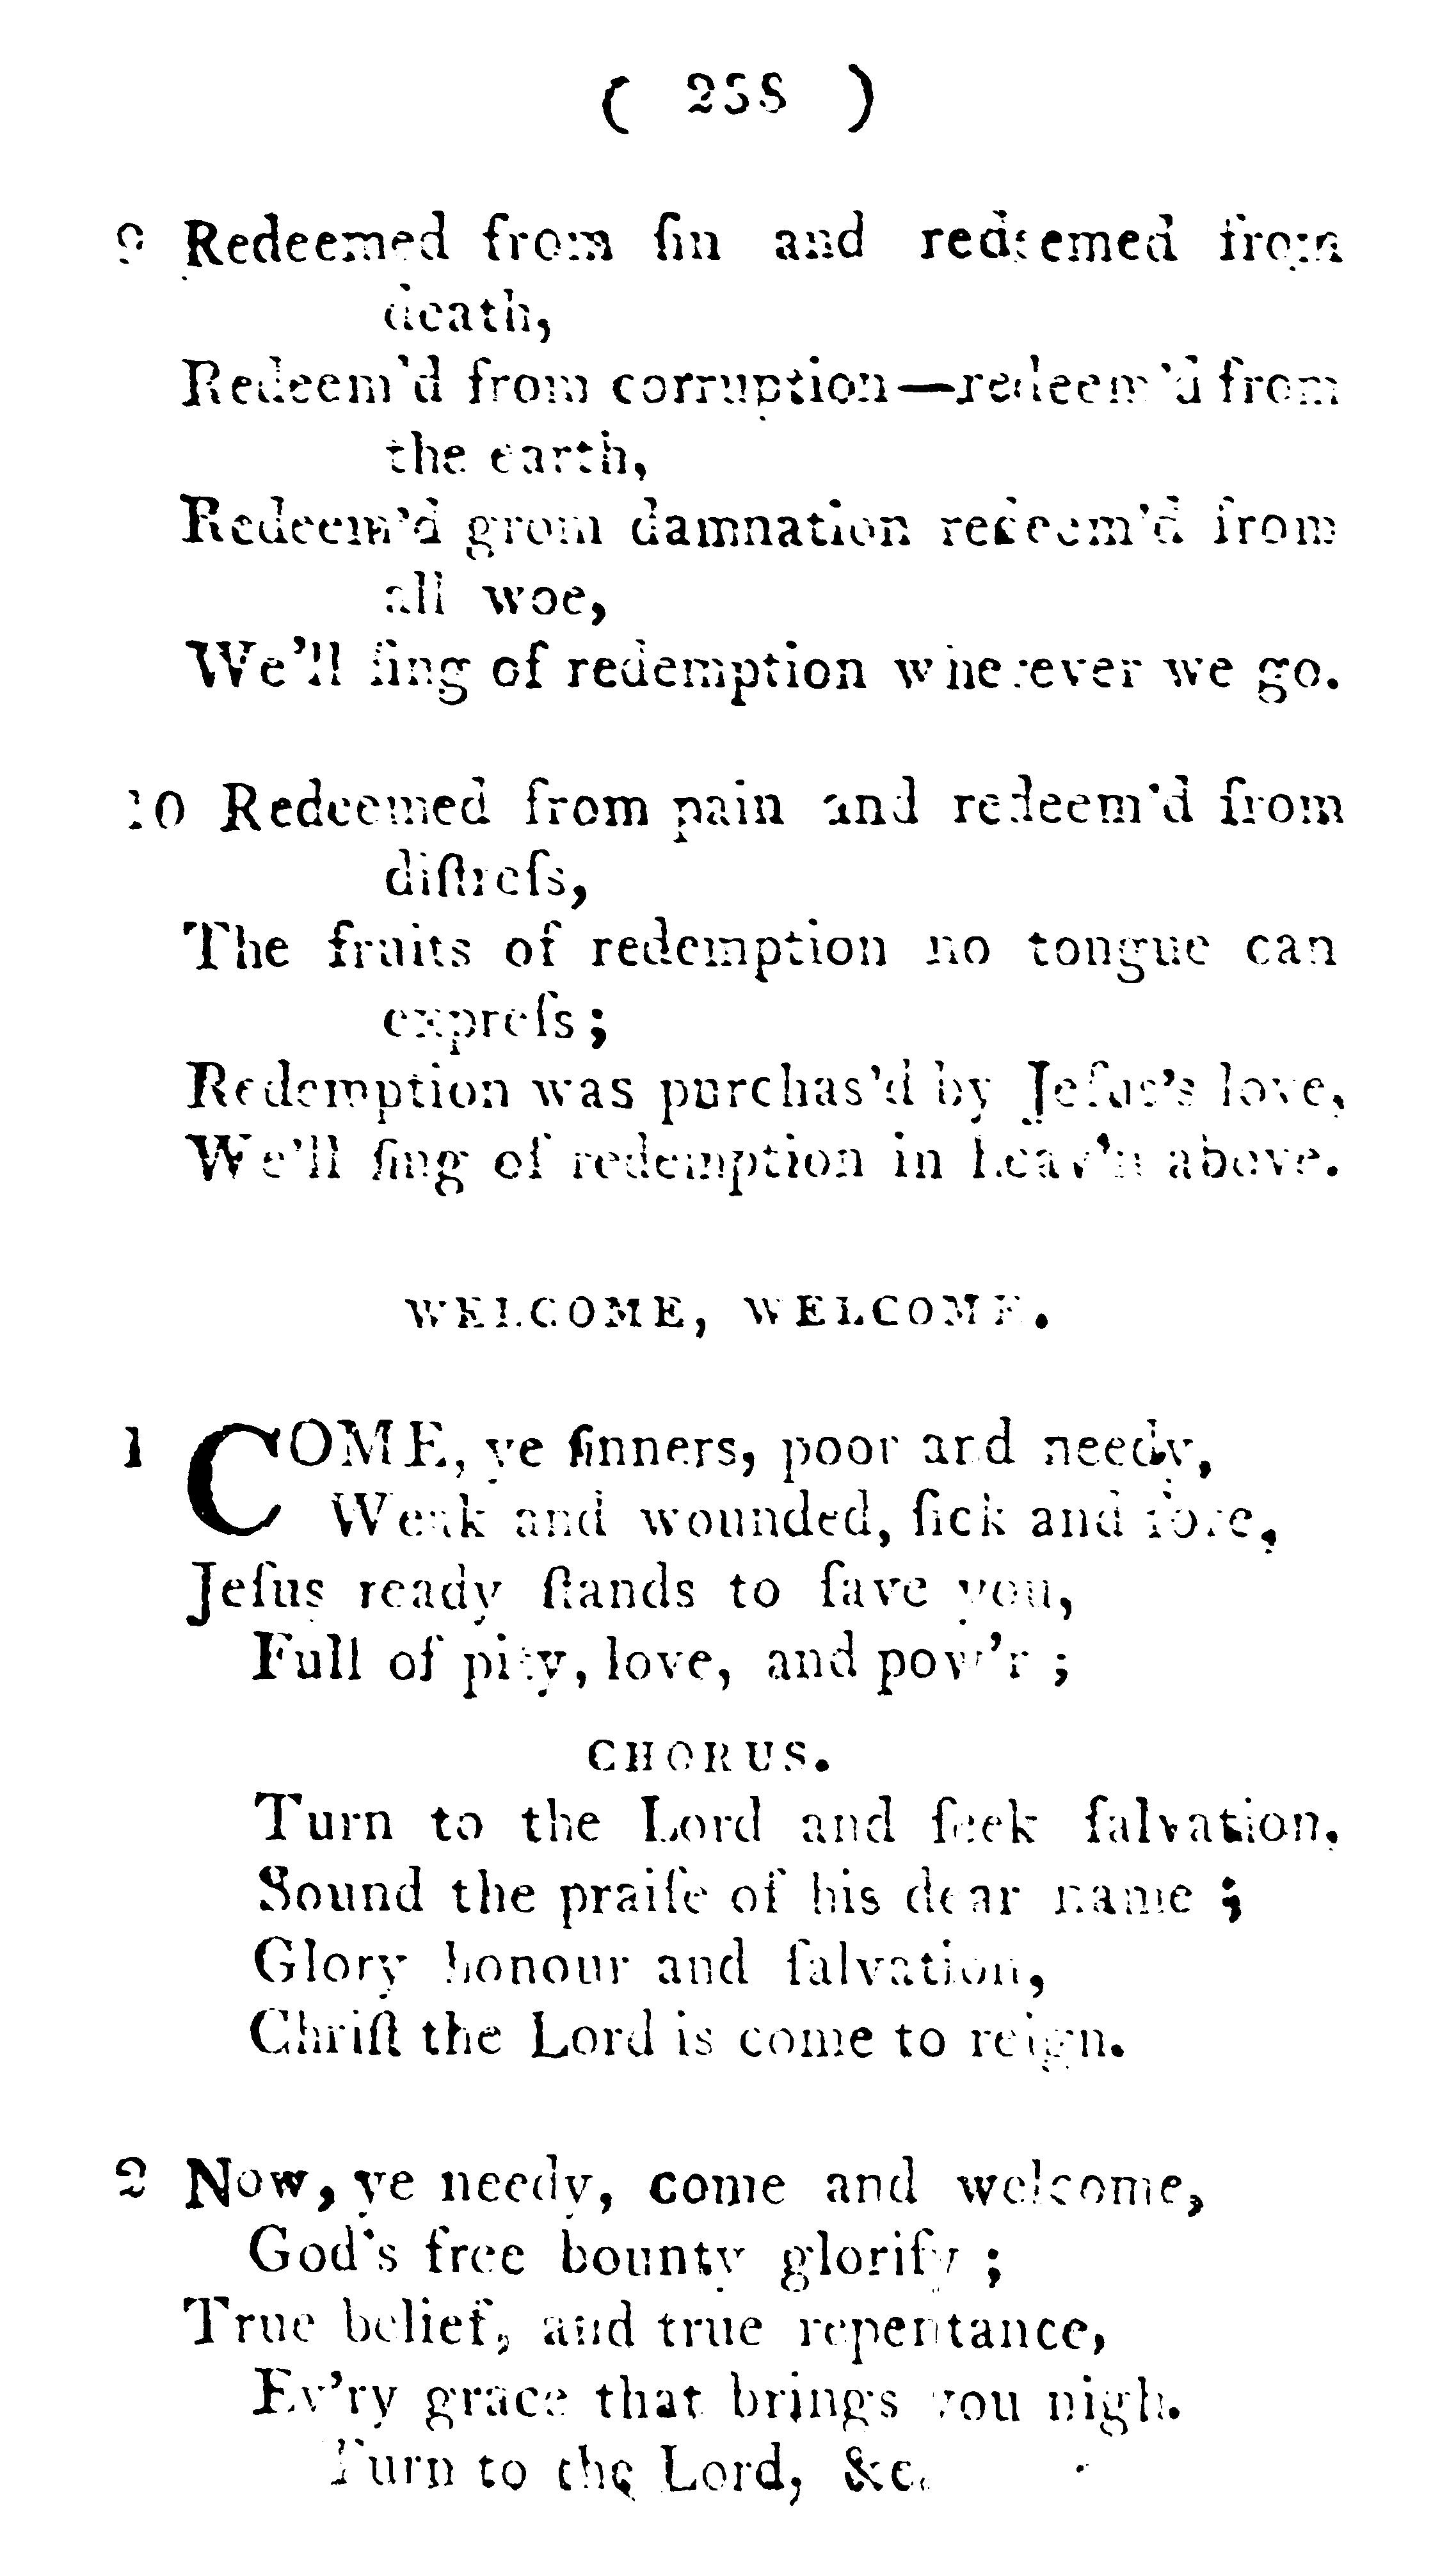 HymnsSpiritualSongs-1802a.jpg